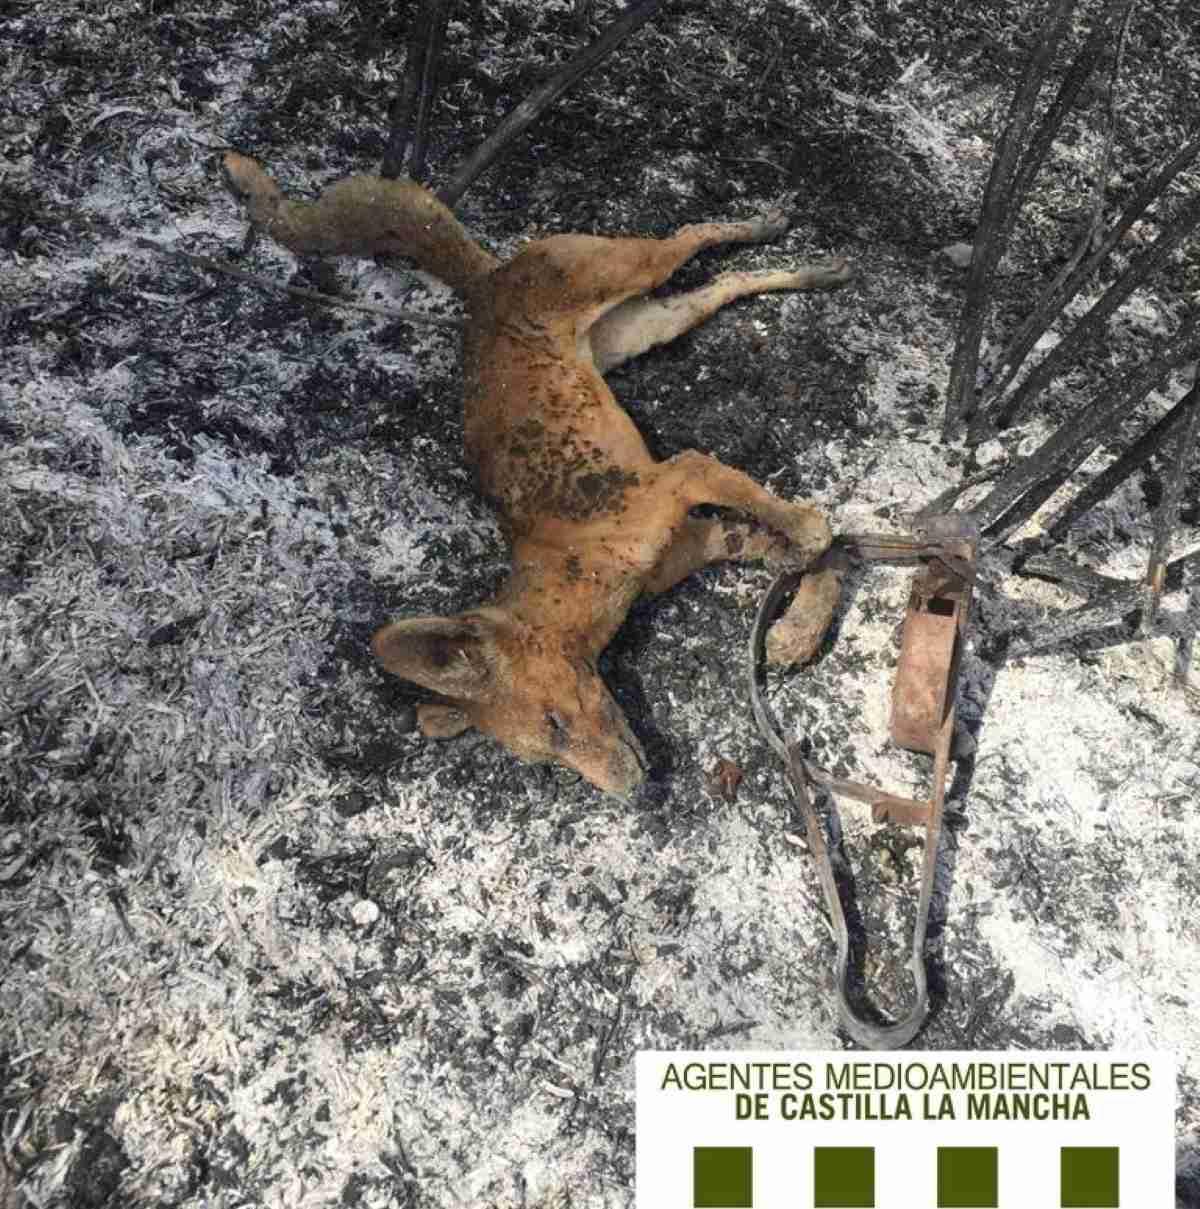 agentes_medioambientales_de_Castilla_La_Mancha_encuentran_cádaver_de_zorro_quemado